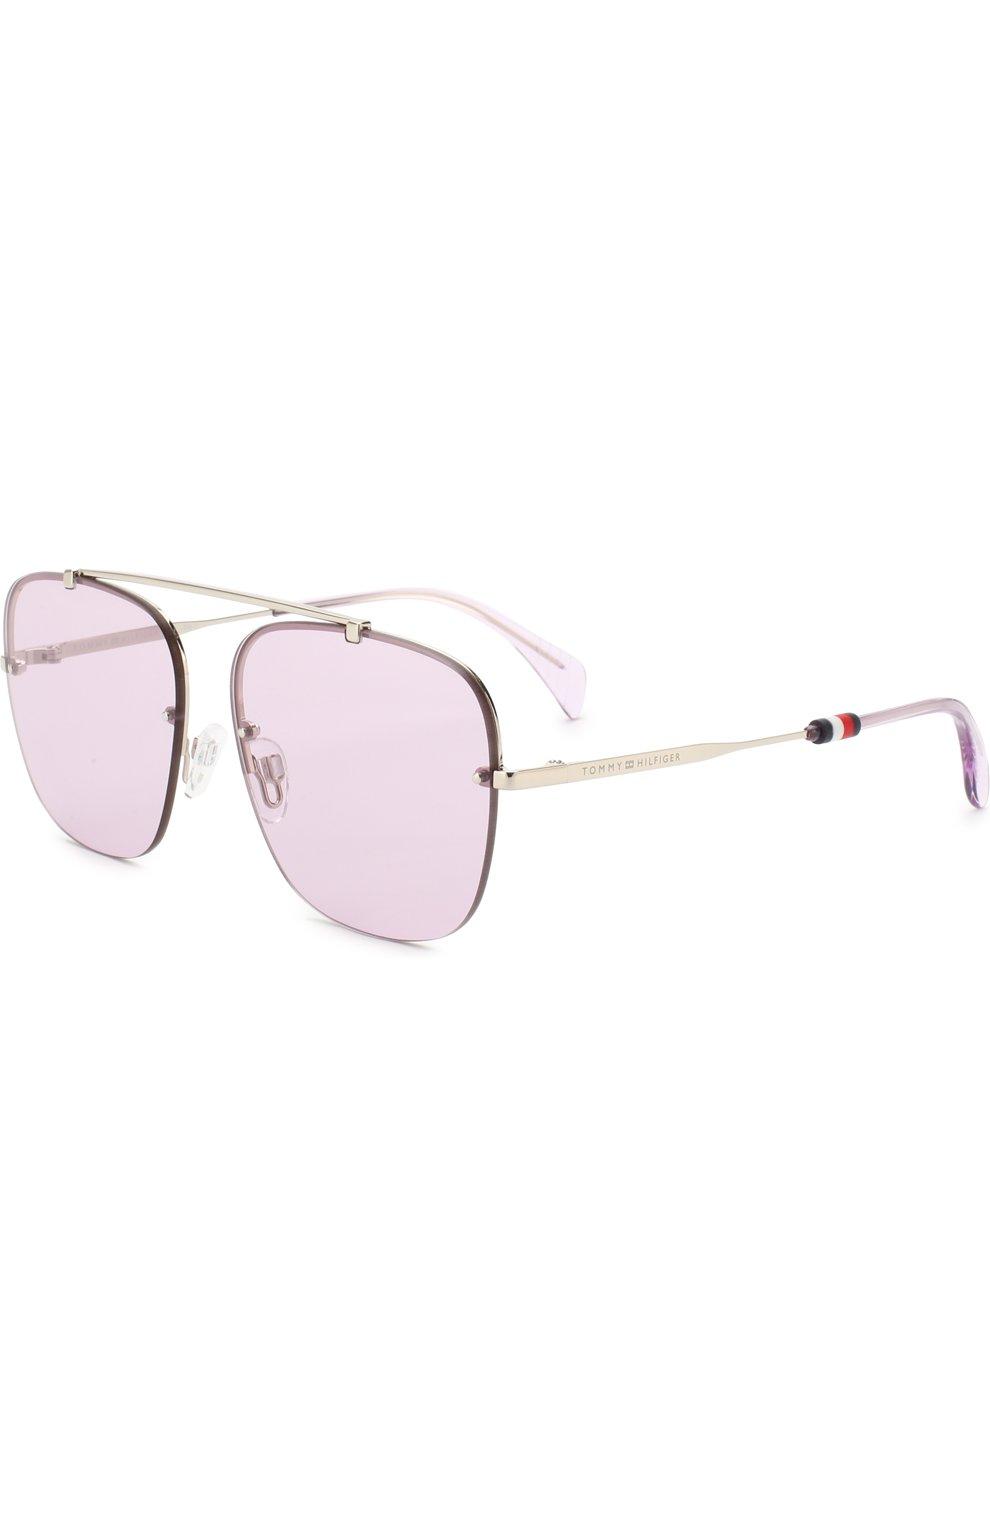 Женские солнцезащитные очки TOMMY HILFIGER светло-сиреневого цвета, арт. 1574 3YG | Фото 1